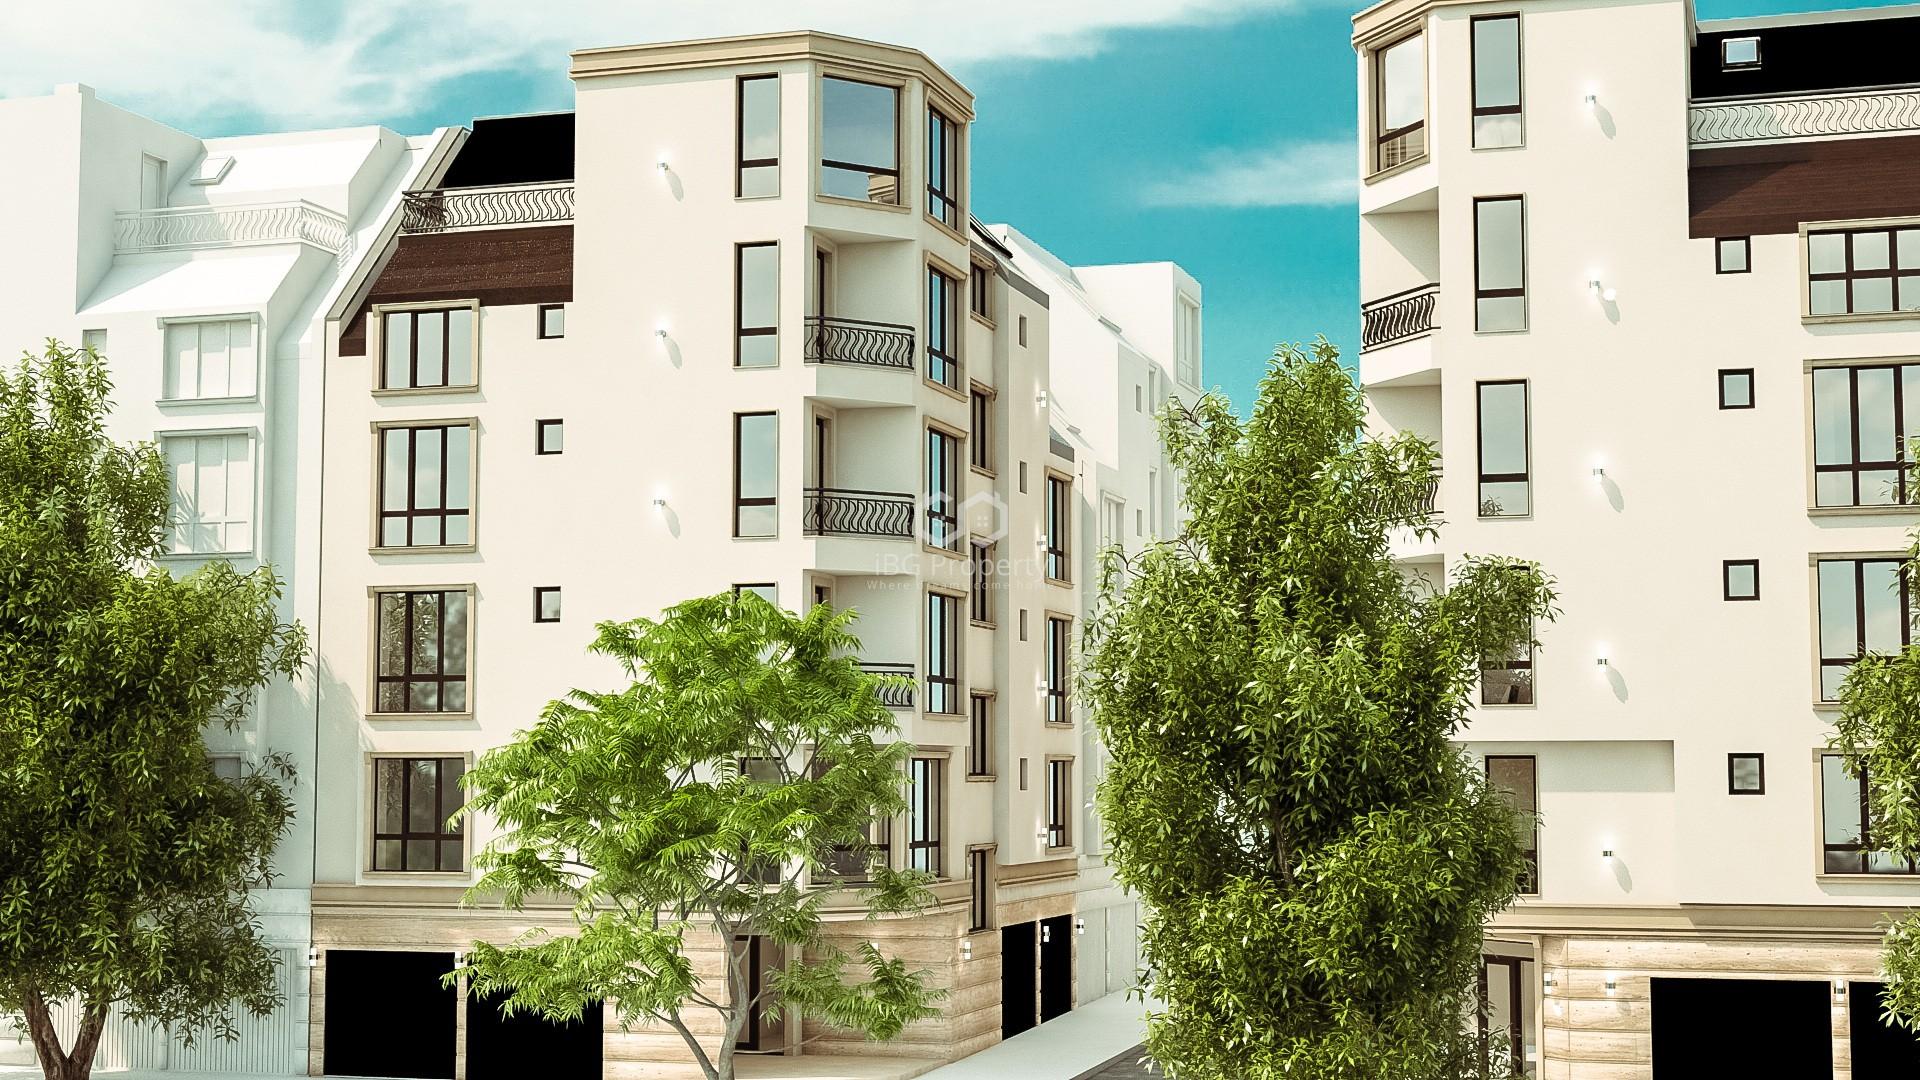 Two bedroom apartment Kolhozen pazar Varna 134,24 m2